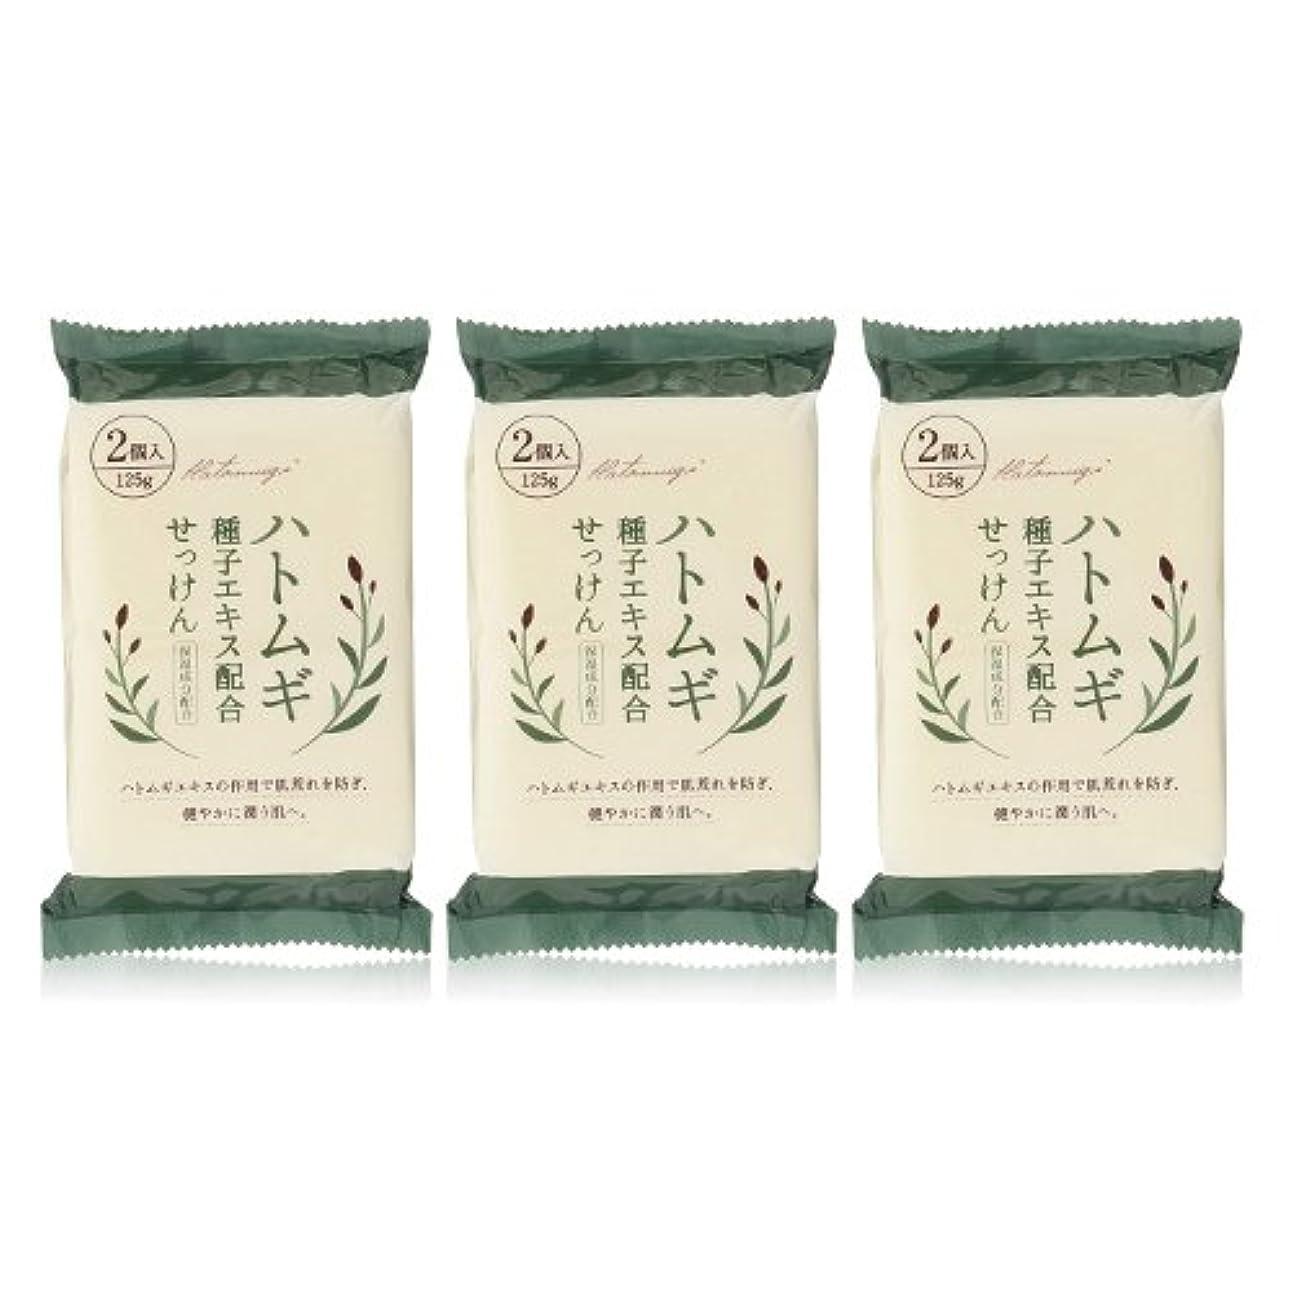 力学中国組ハトムギ種子エキス配合石けん 125g(2コ入)×3個セット(計6個)